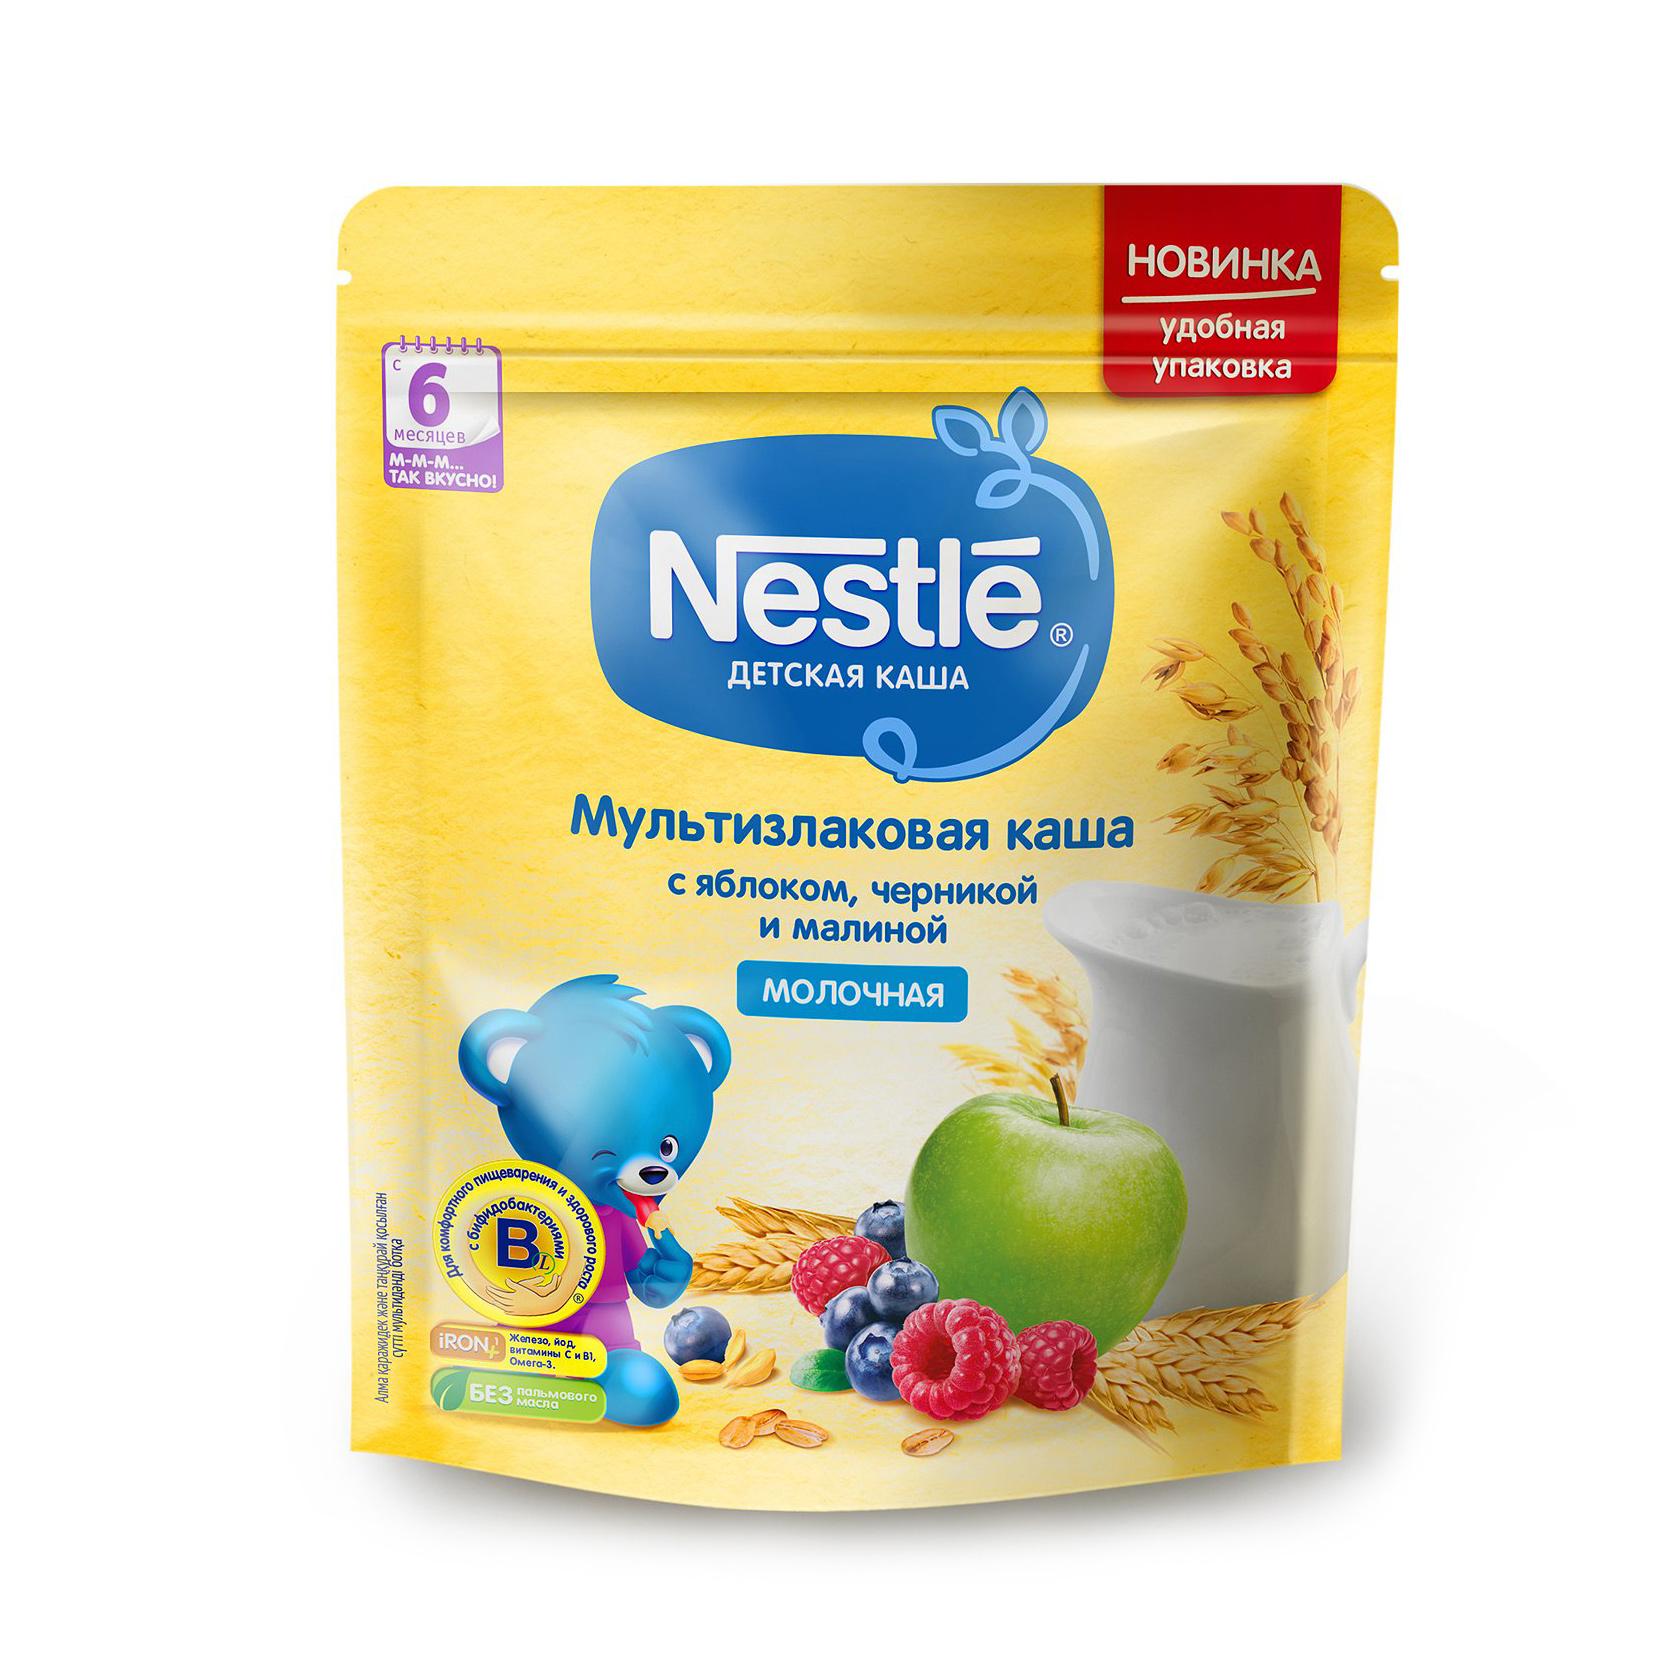 Фото - Каша молочная Nestle мультизлаковая яблоко-черника-малина с 6-ти месяцев 220 г органическое детское питание 2 й этап 6 месяцев яблоко голубика и овес 4 0 унции 113 г